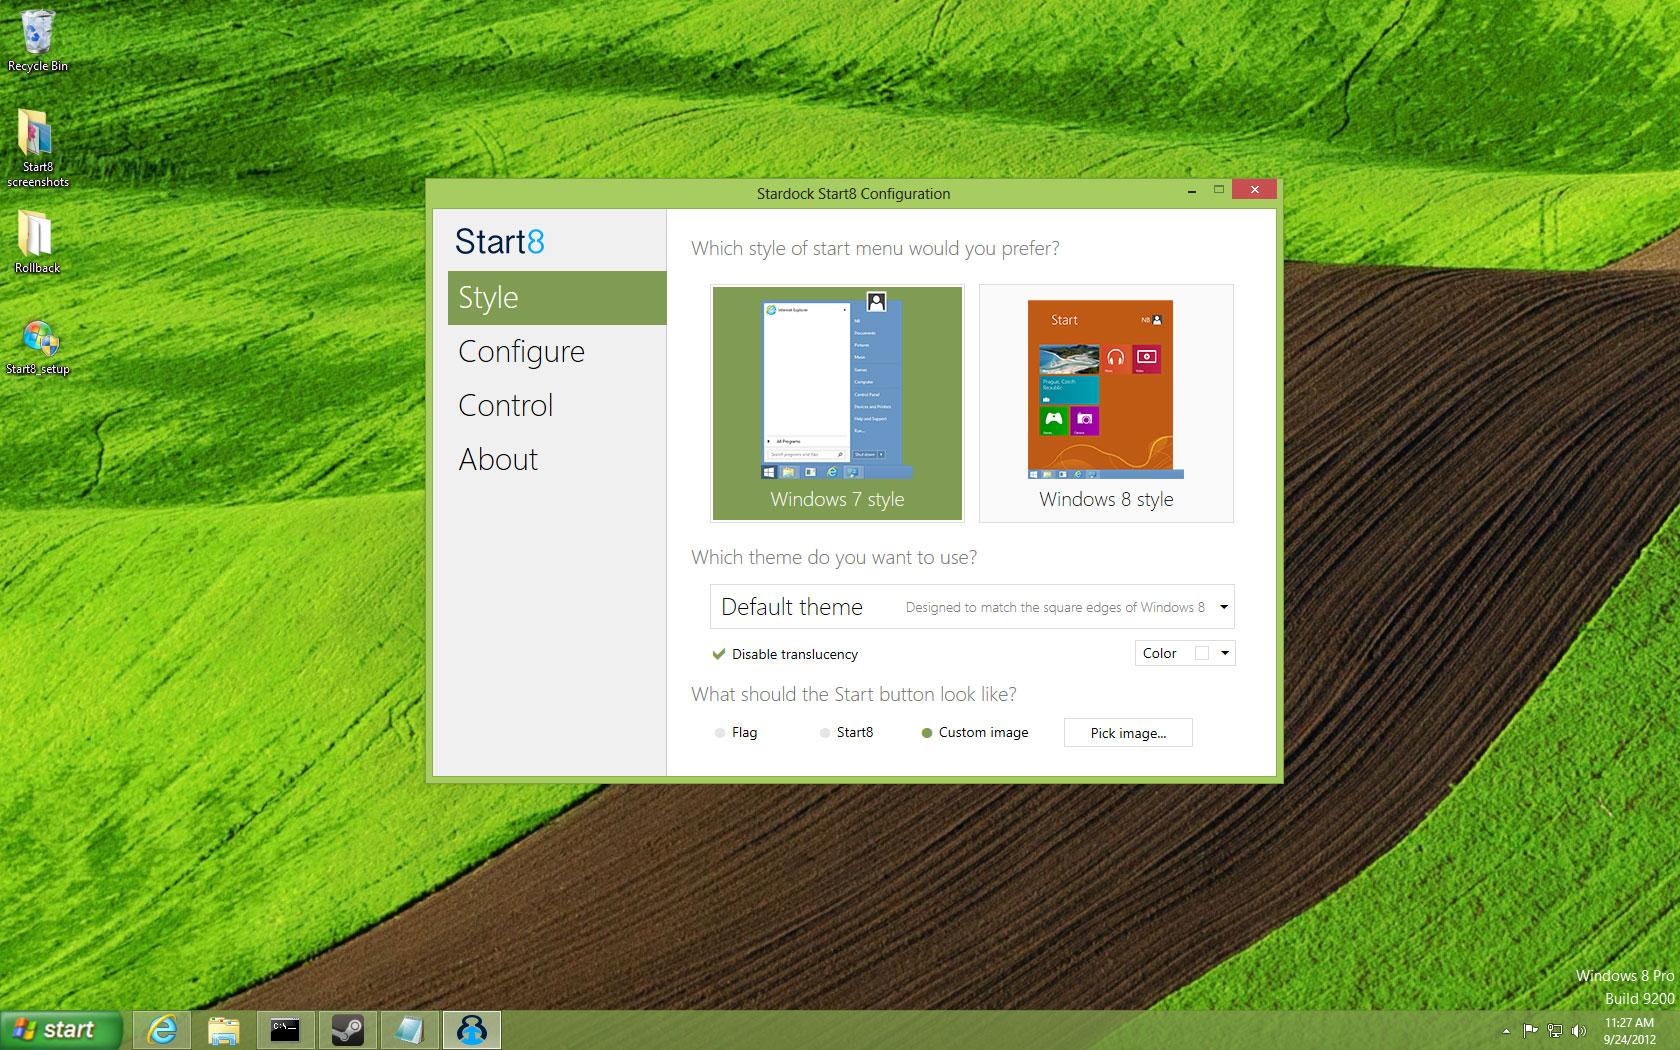 Stardock Windows 8 Start Menu Start Button to Windows 8